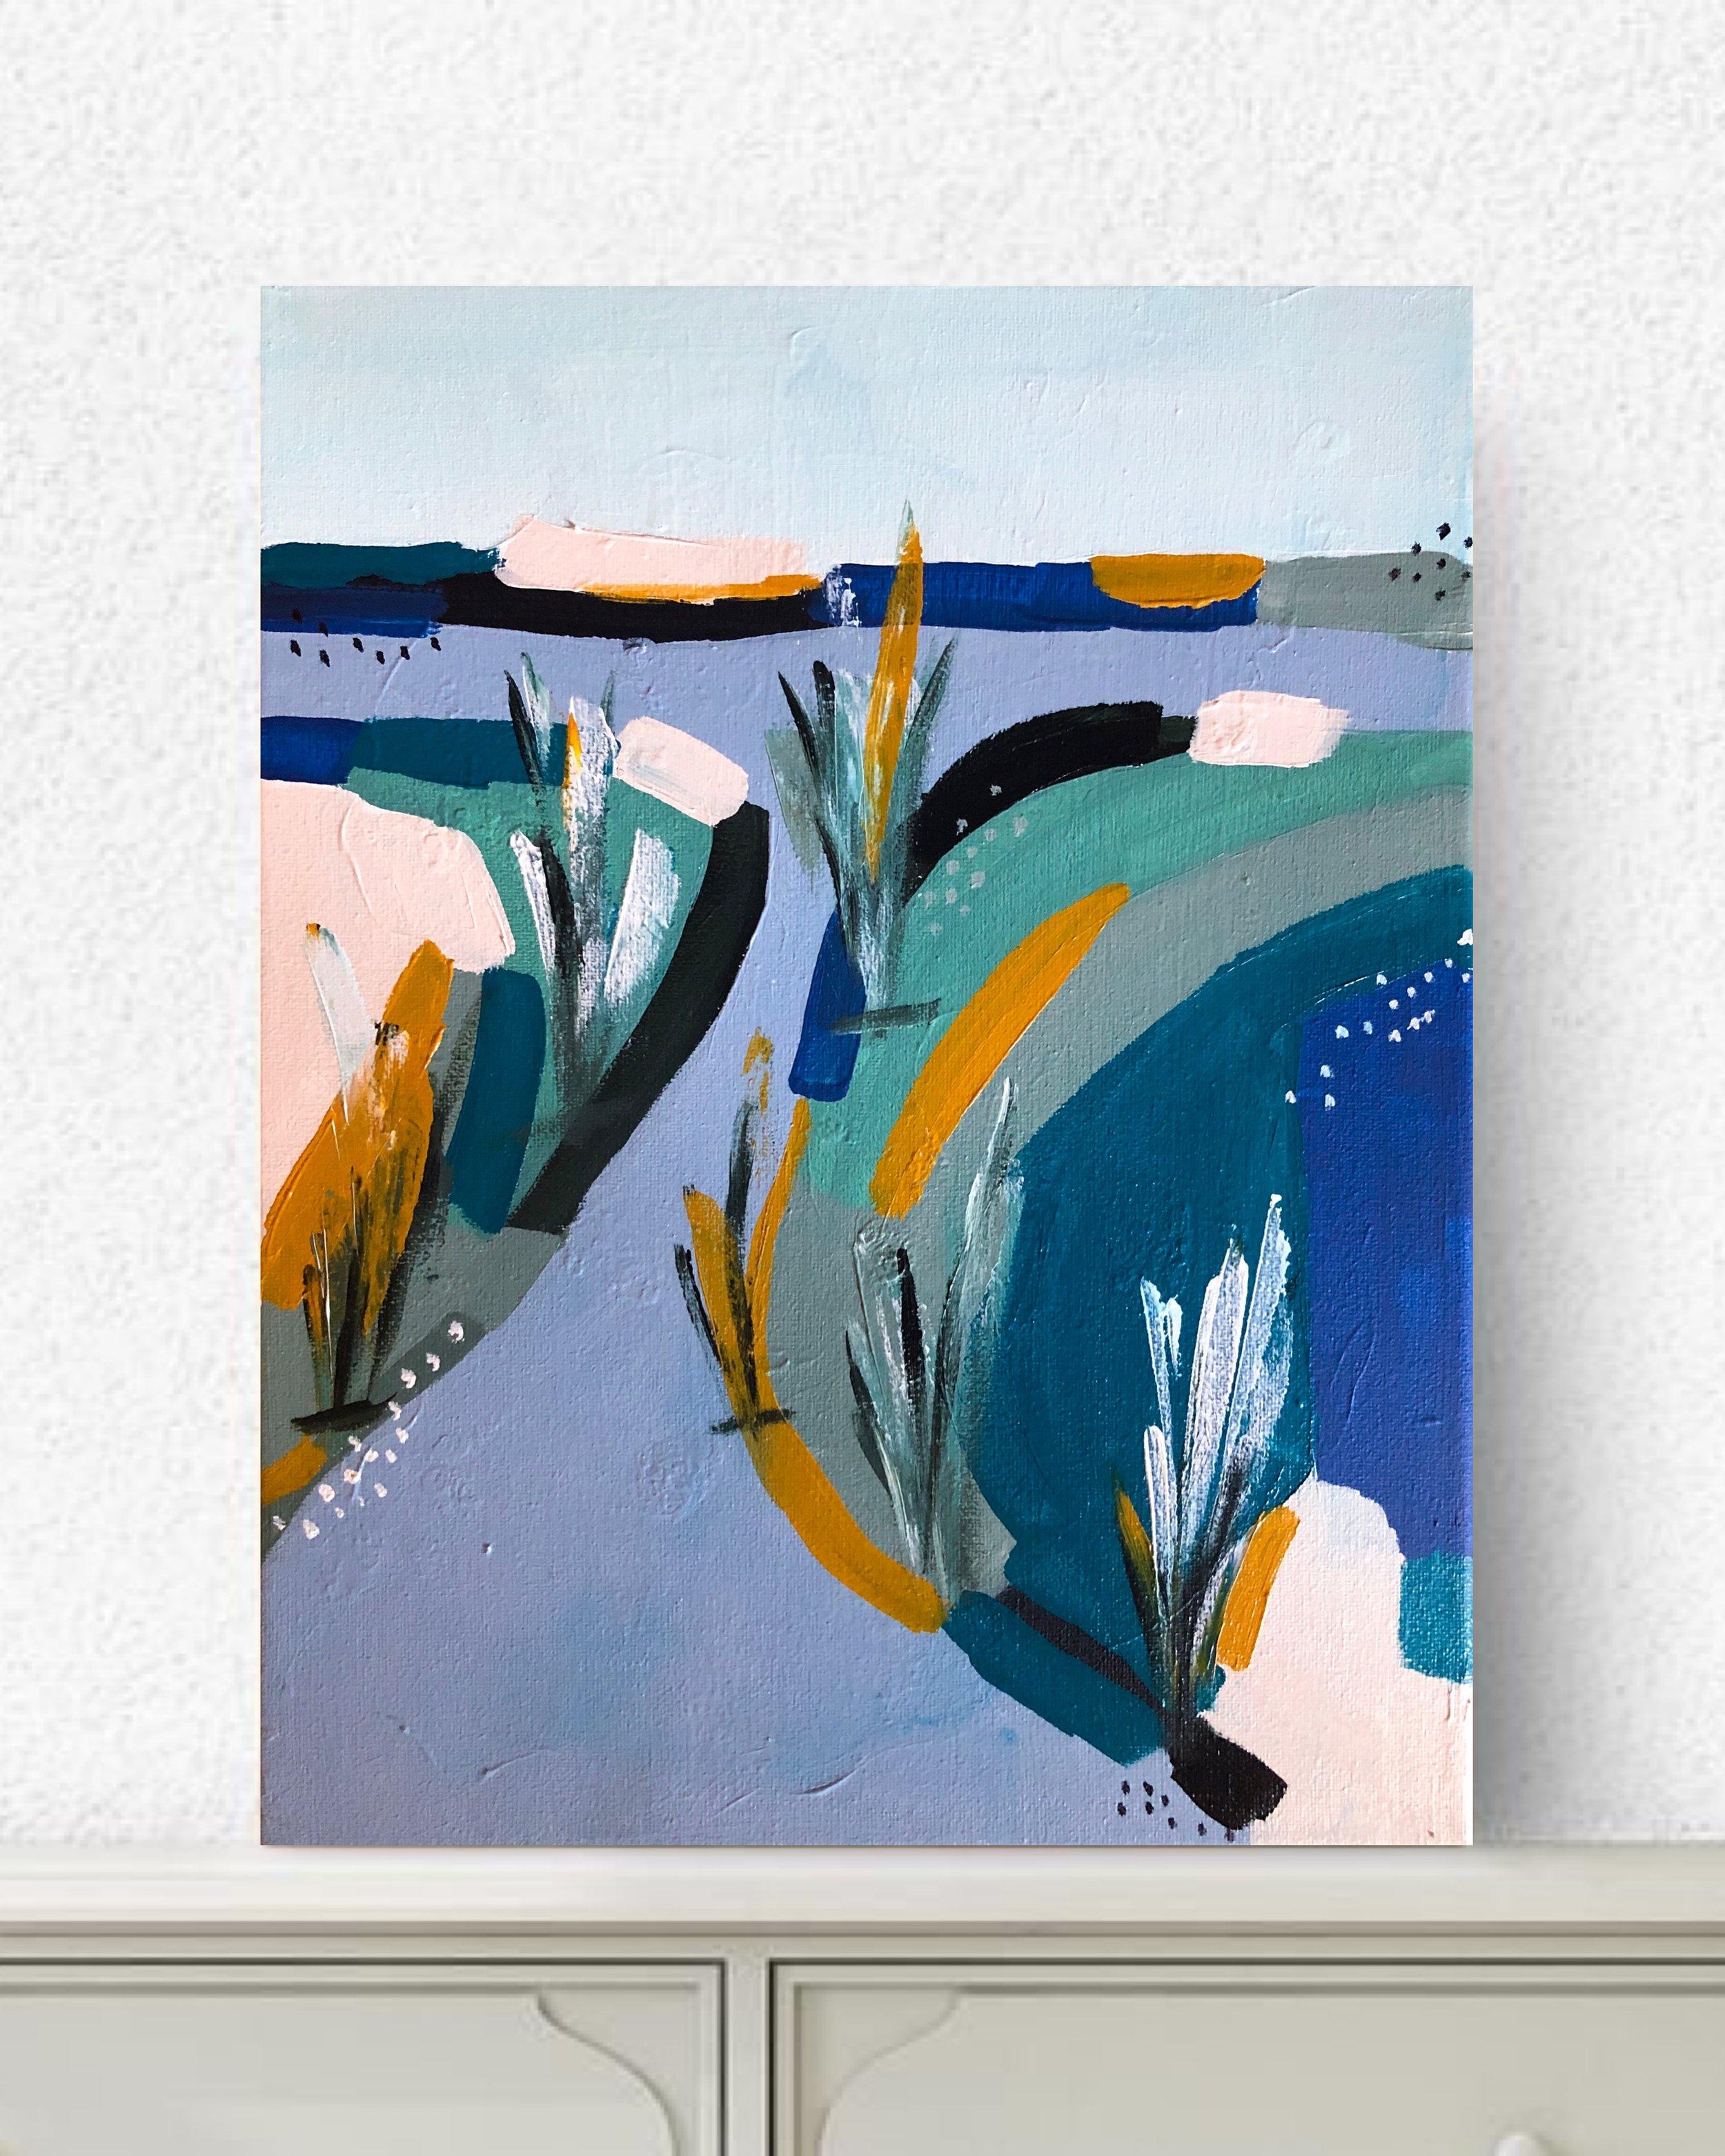 """Salt Marsh #1, 2019 - 11x14""""acrylic on canvascomes framed in black floater frame$250"""